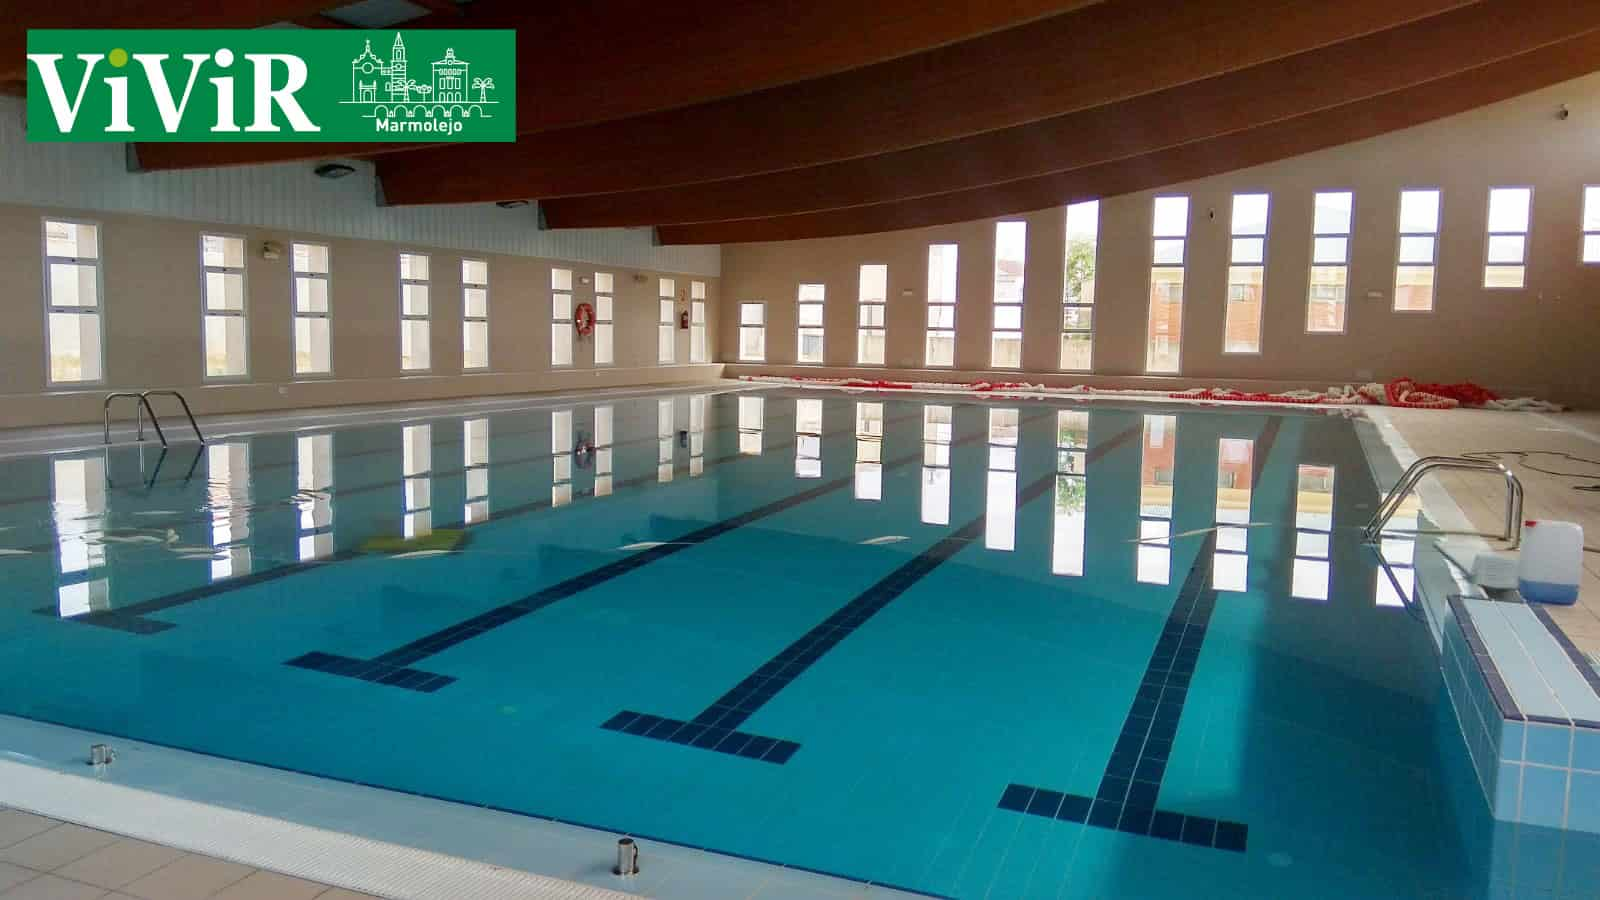 Comienzan las inscripciones para la piscina cubierta vivir jaen - Piscina cubierta linares ...